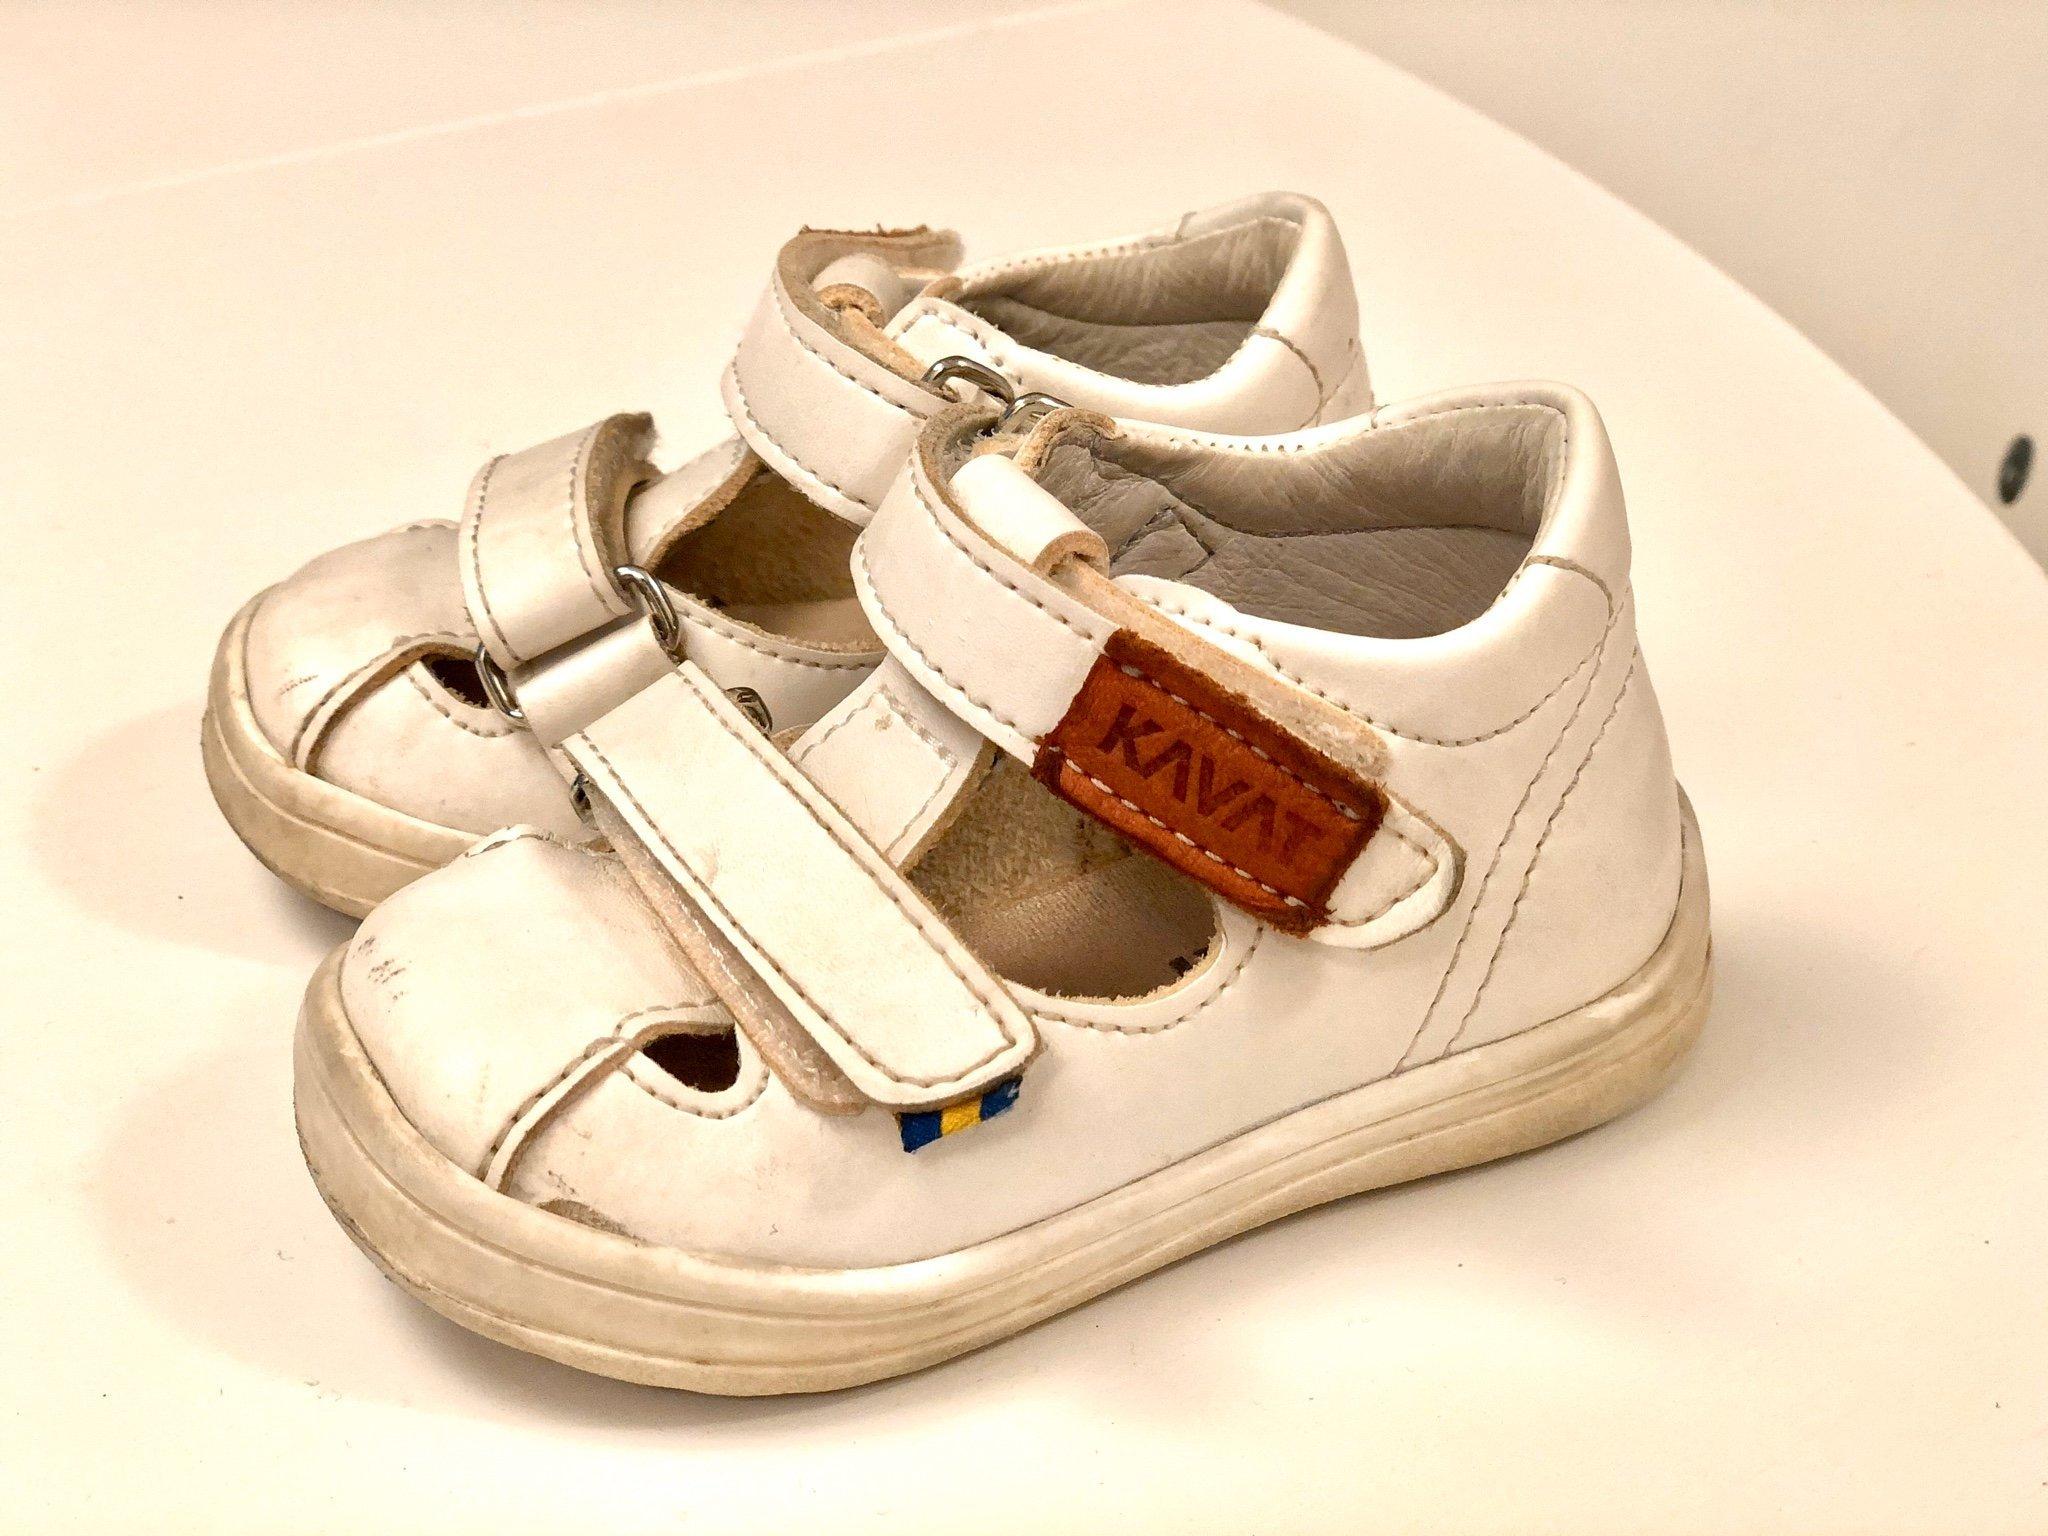 Kavat trona xc lära gå skor sandaler strl 19